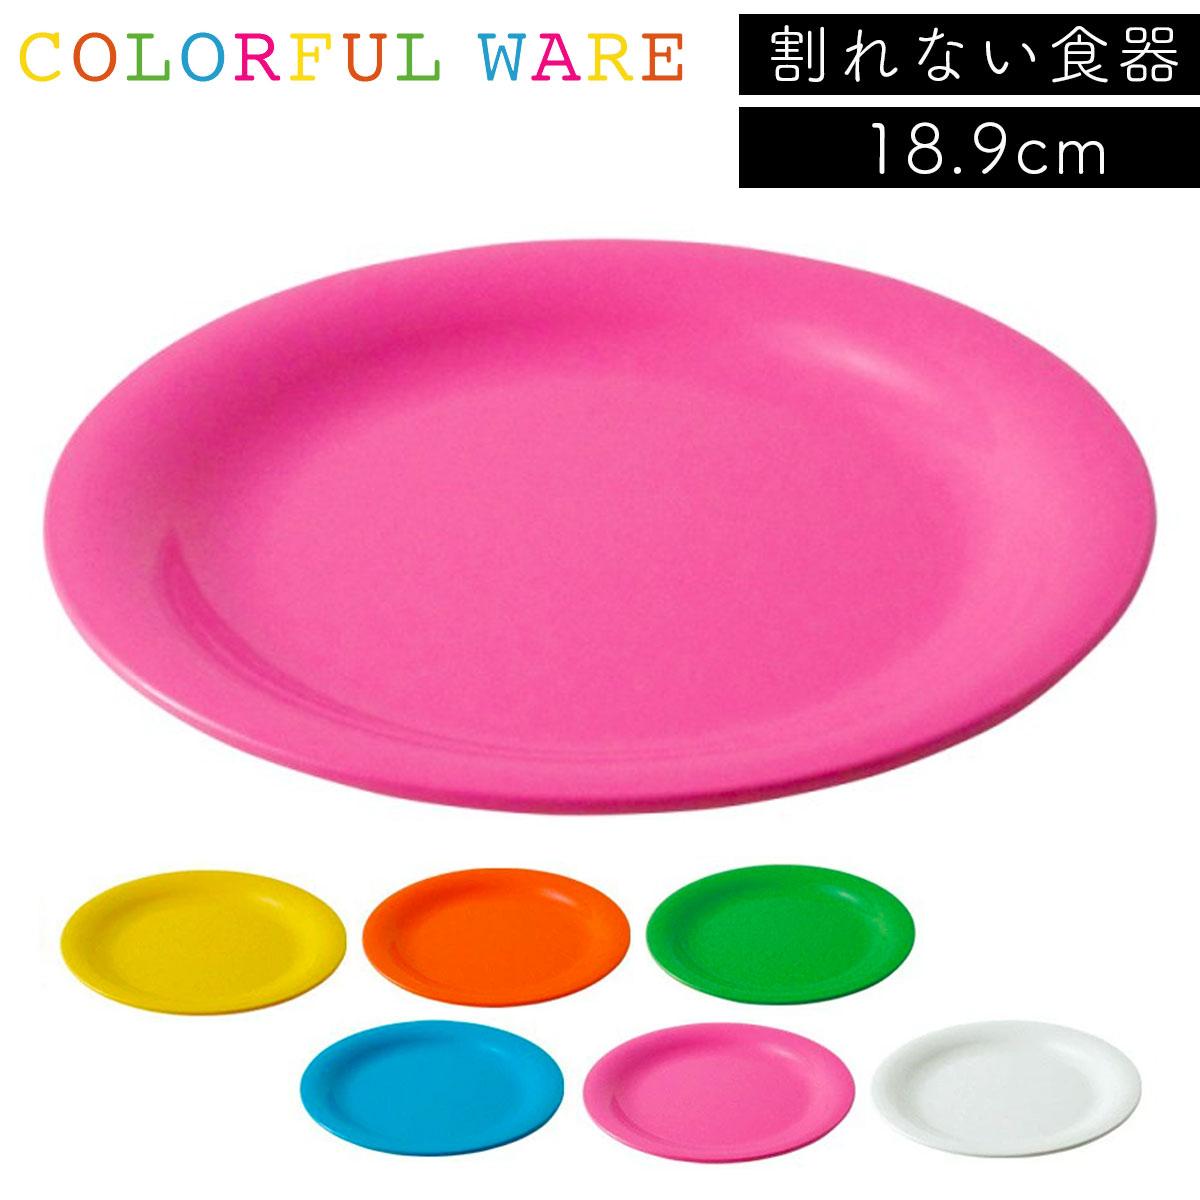 プレート 皿 プラスチック パーティ 日本製 電子レンジ対応 食洗機対応 食洗器対応 パーティーウェア パーティラウンドプレート 190 アウトドア キャンプ ピクニック おしゃれ 人気